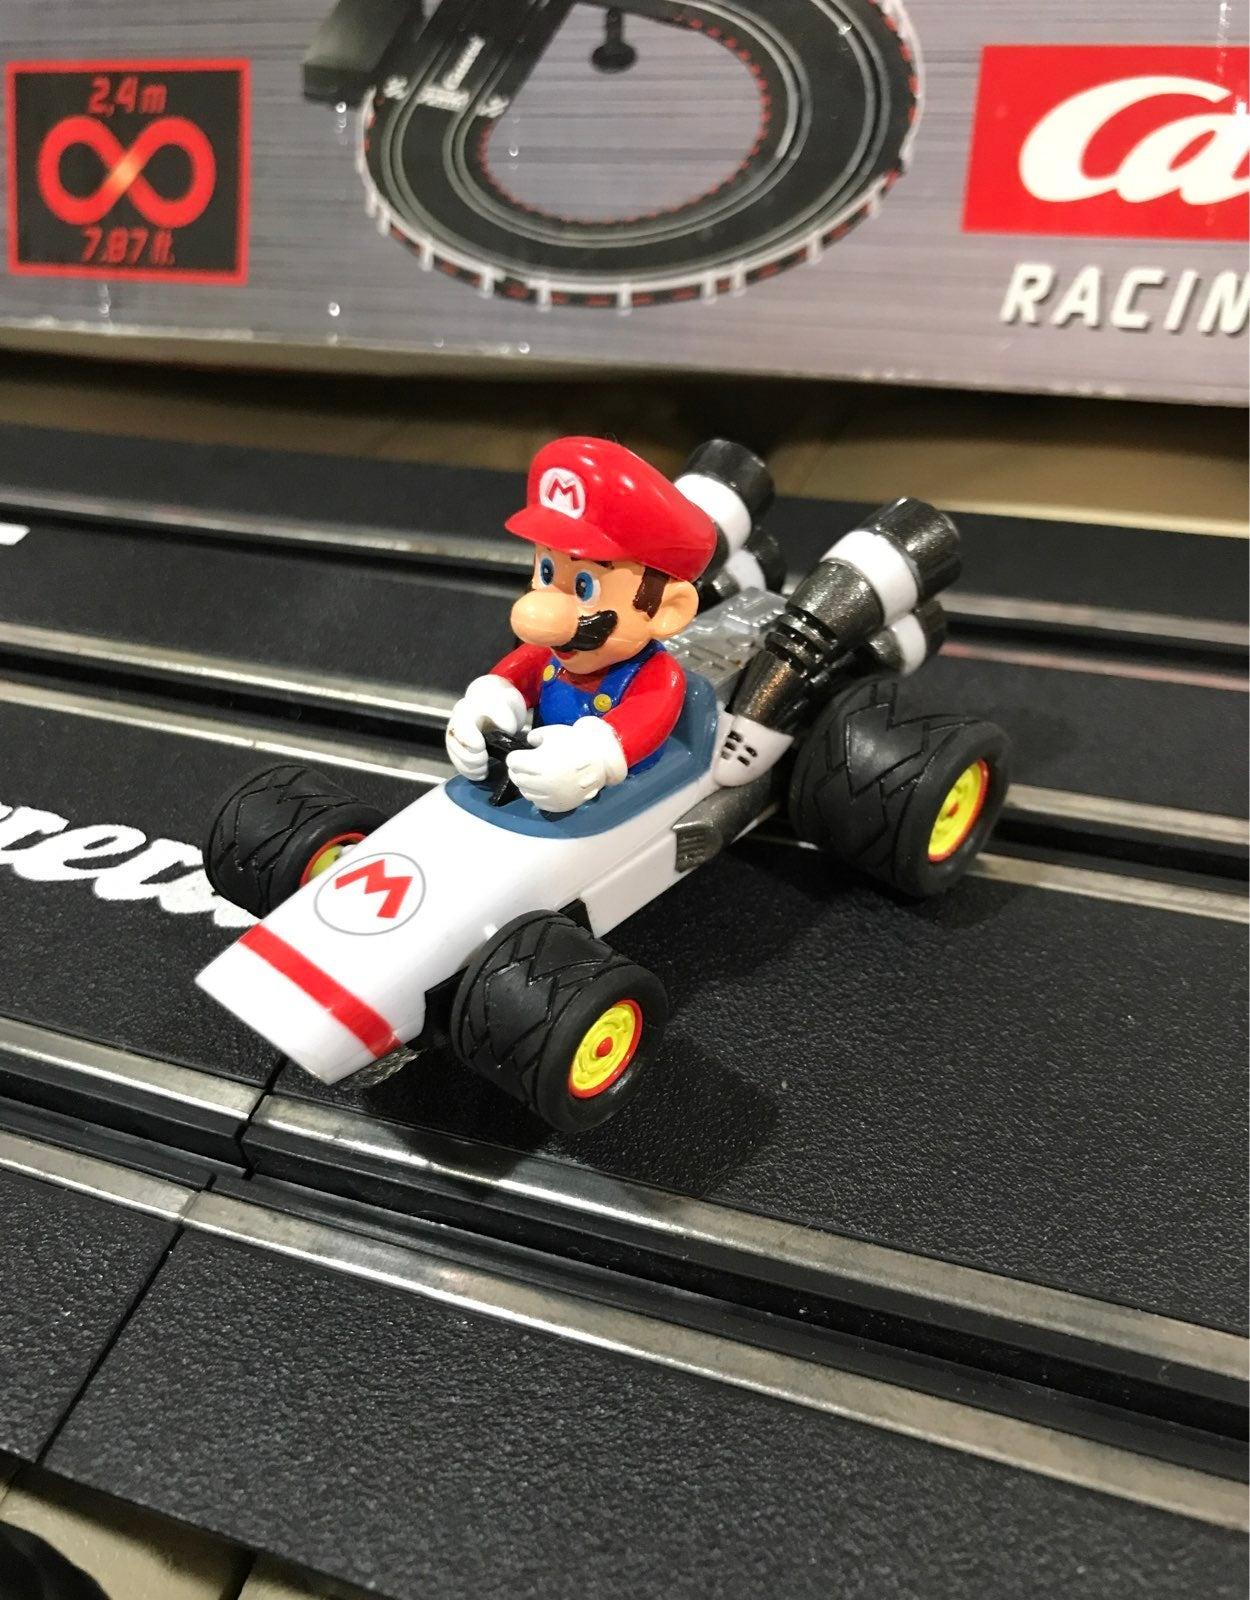 MARIOKART DS Racing System